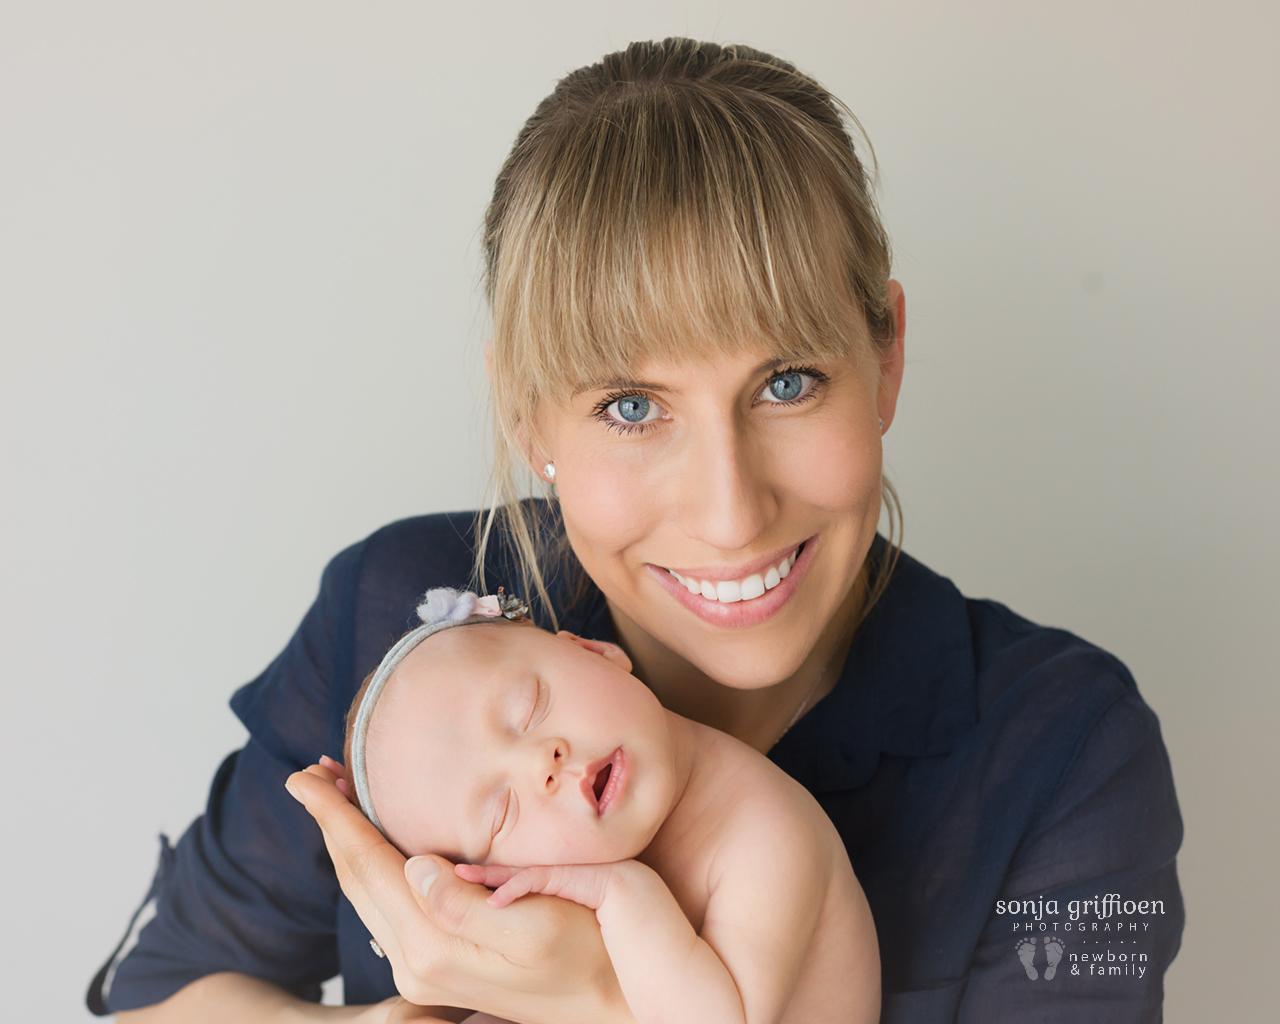 Sienna-Newborn-Brisbane-Newborn-Photographer-Sonja-Griffioen-24.jpg